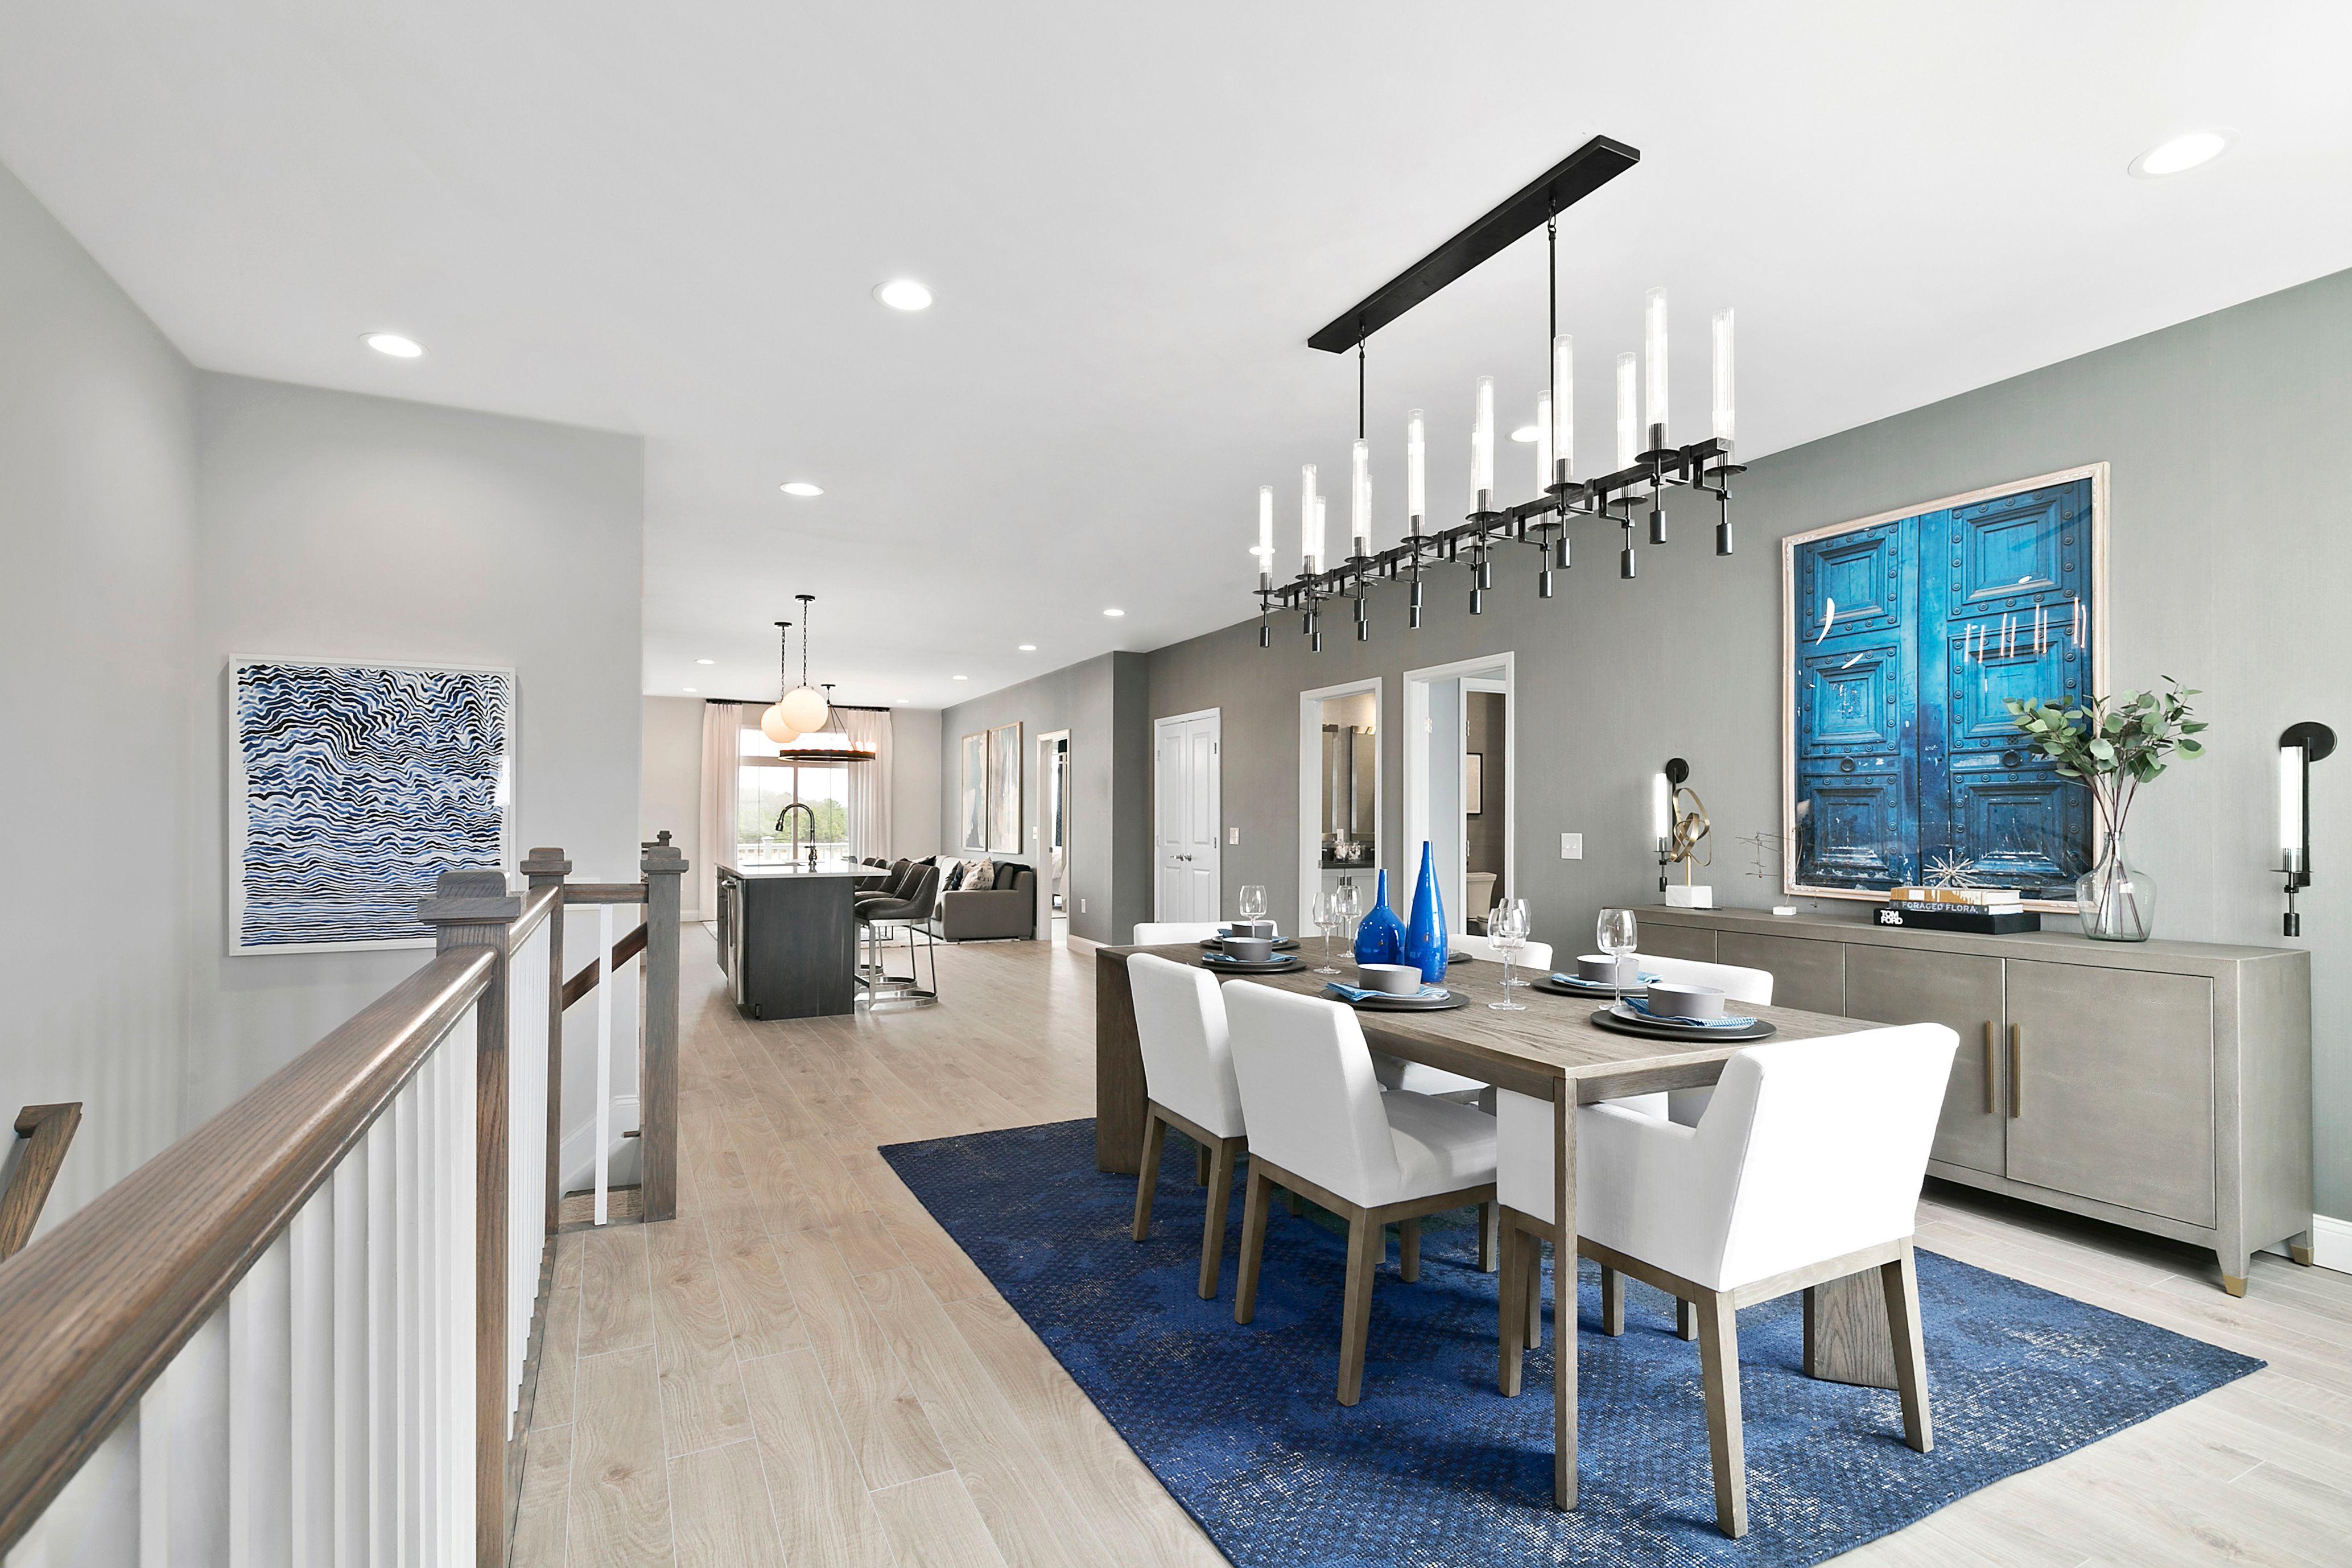 New Construction Homes Plans In Ridge Ny 306